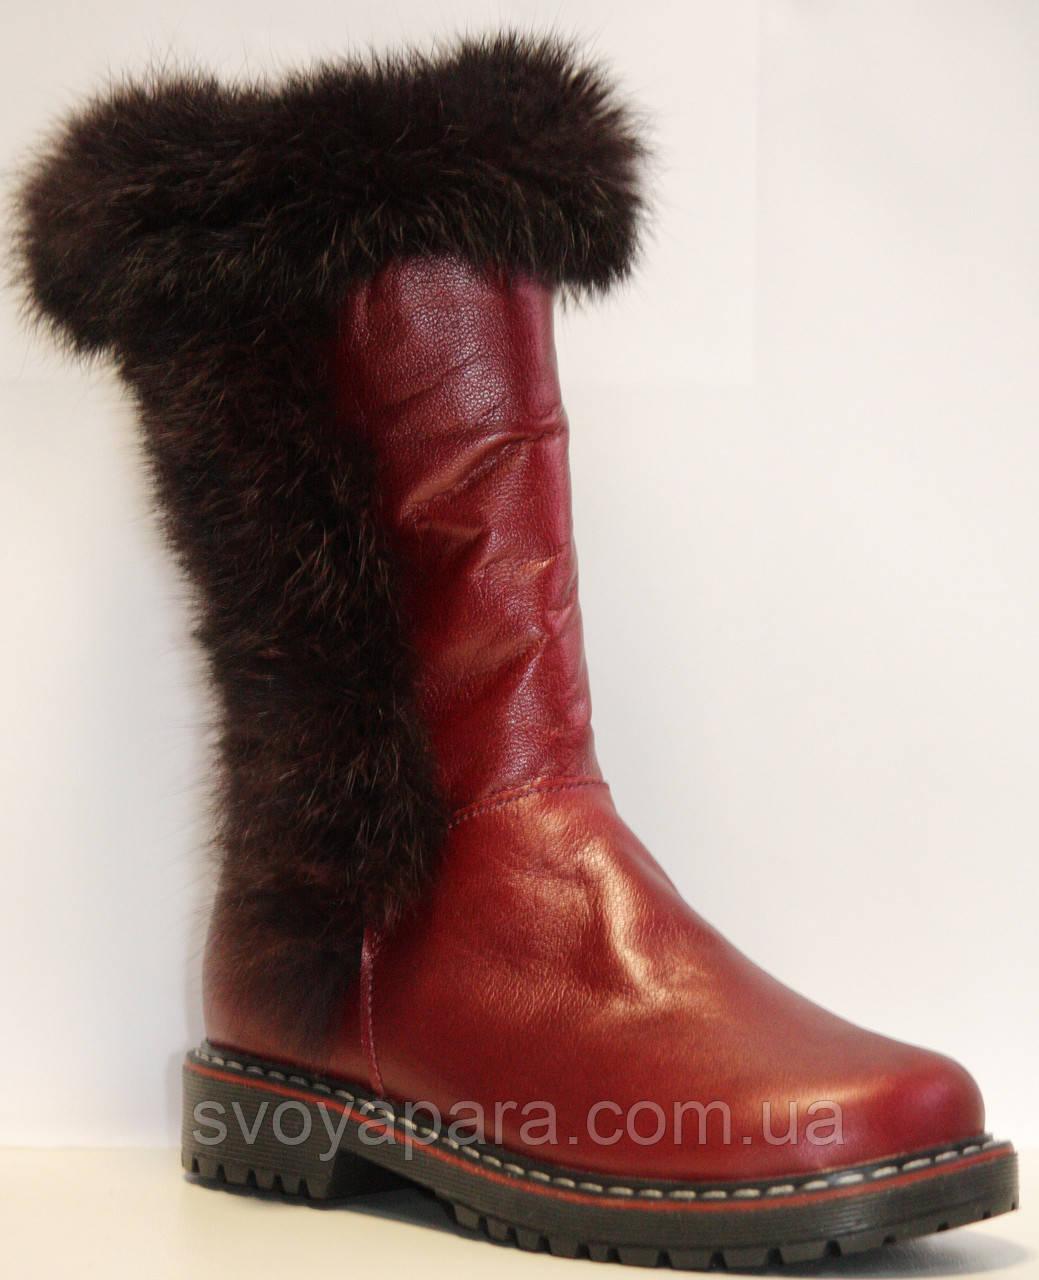 Сапоги зимние красные кожаные для девочки на термополиэстеровой подошве с молнией с подкладкой из шерсти